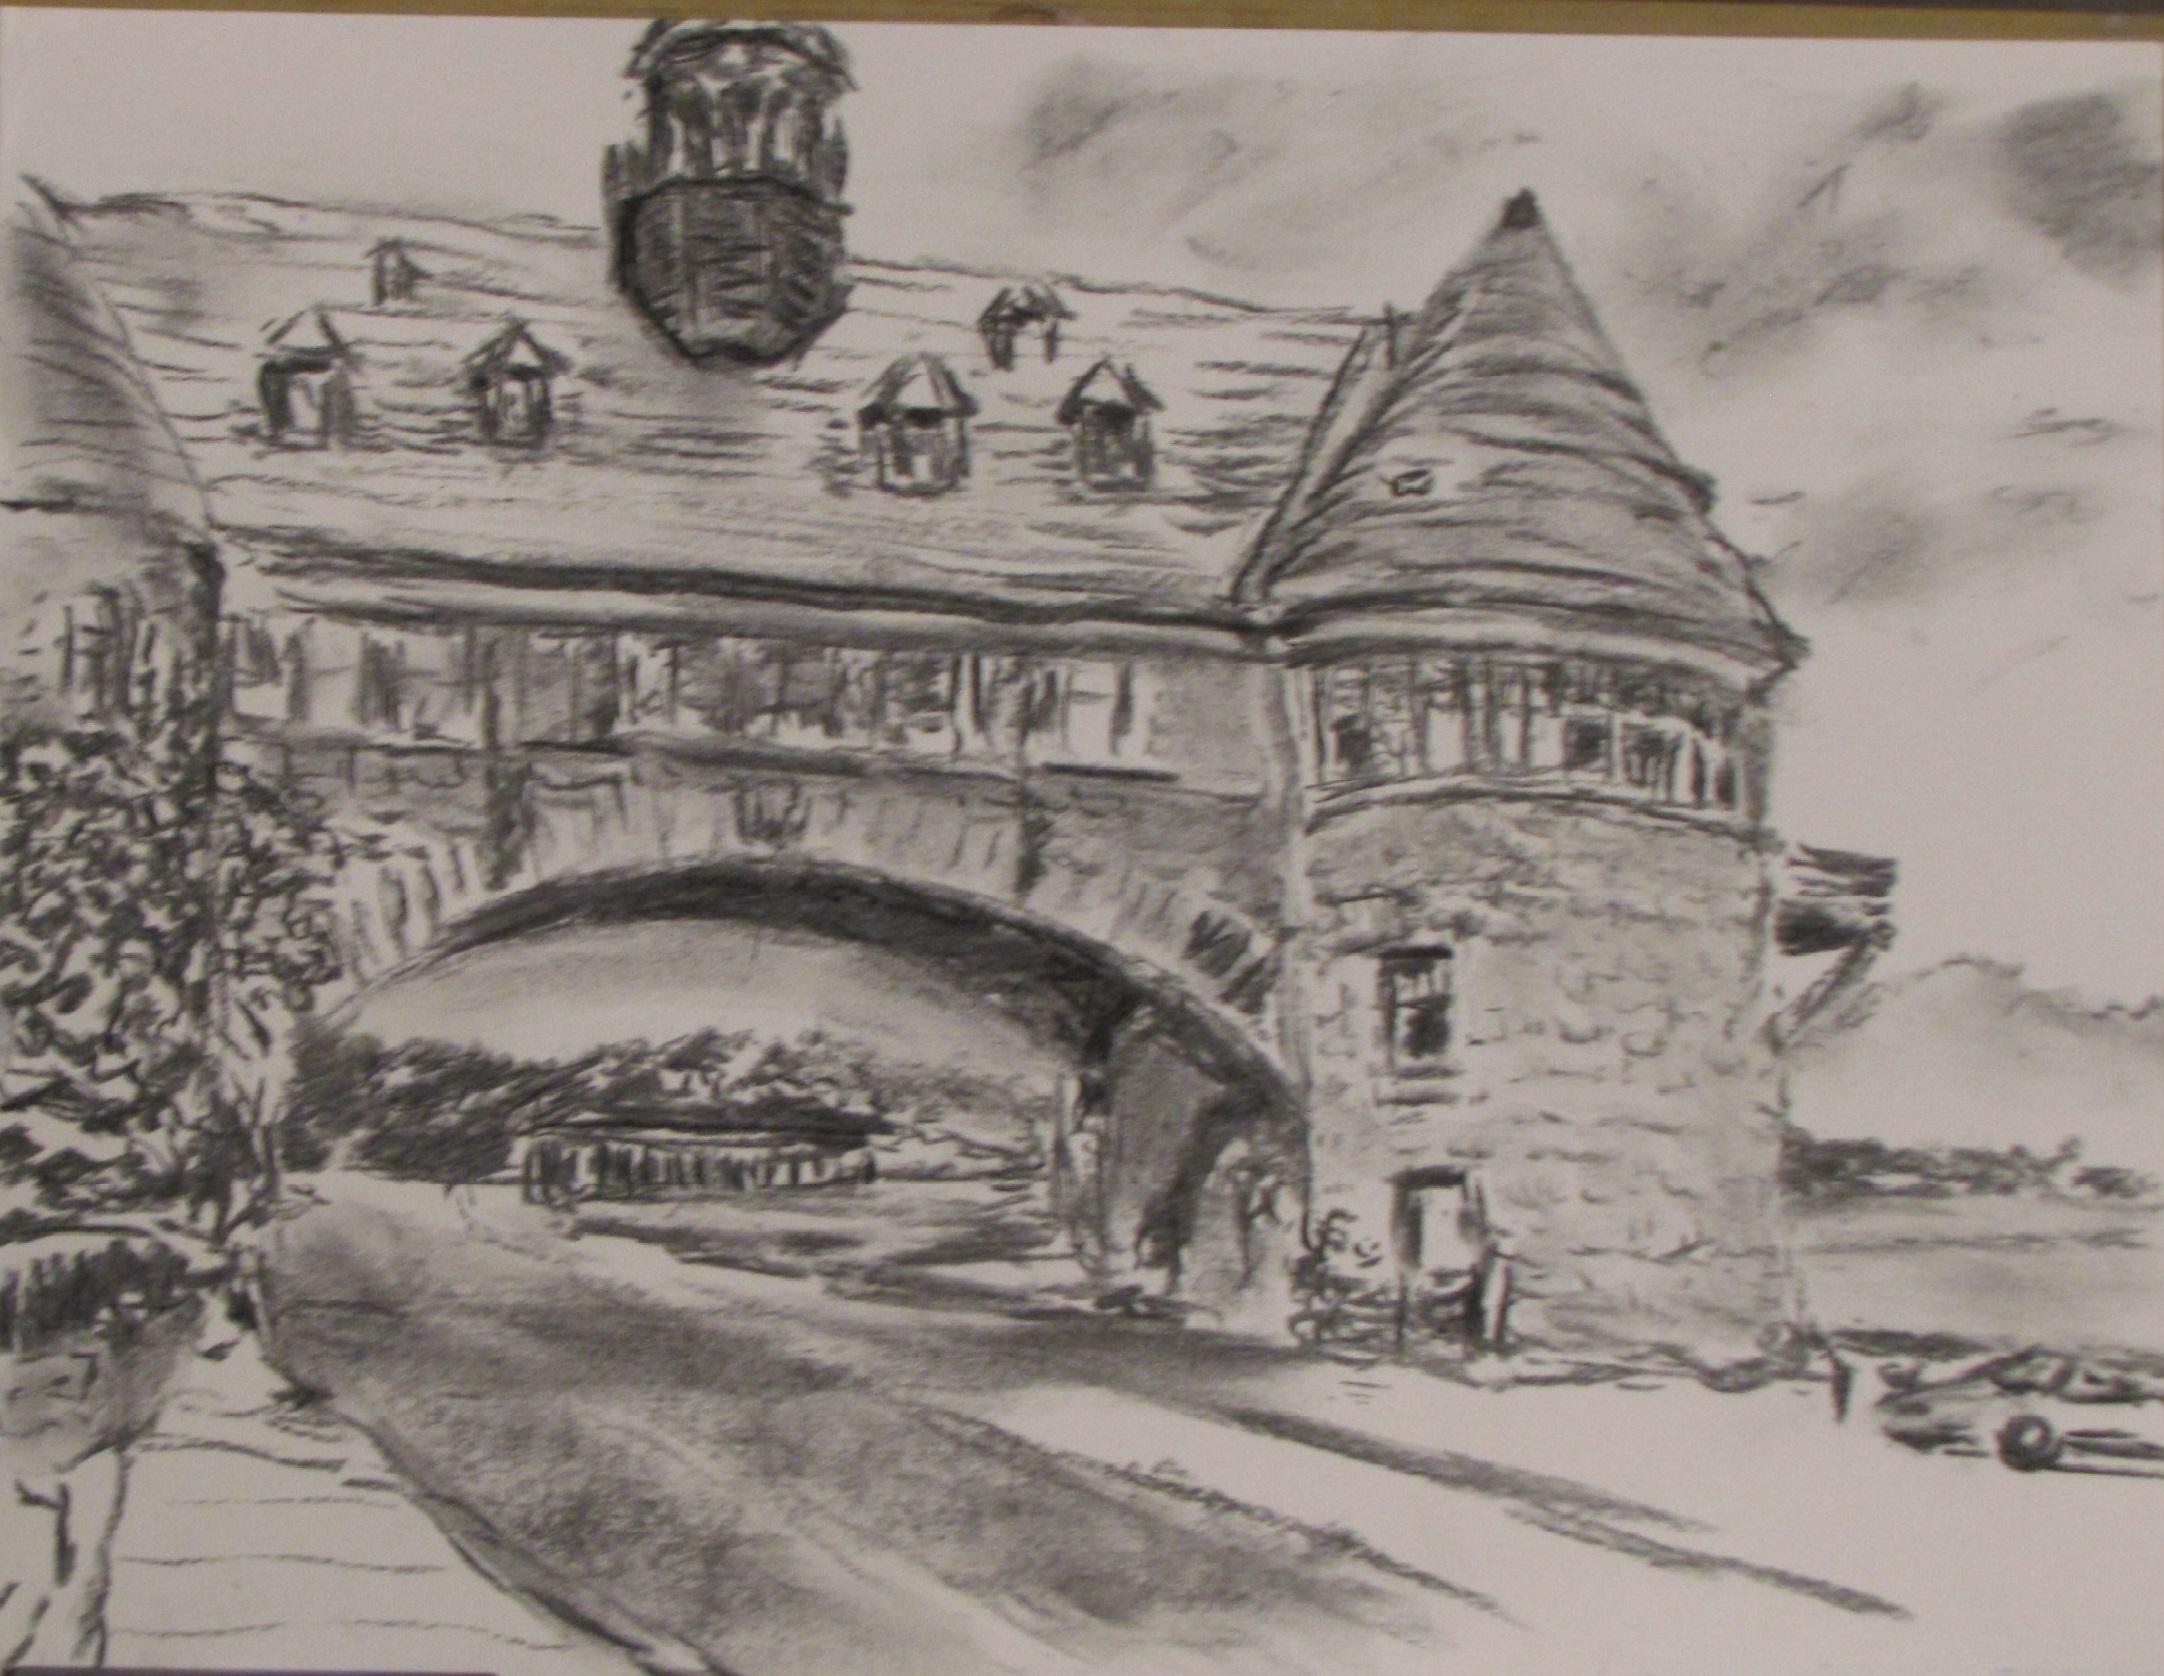 2164x1676 Michael Garr Artwork Towers Of An Evening Original Drawing